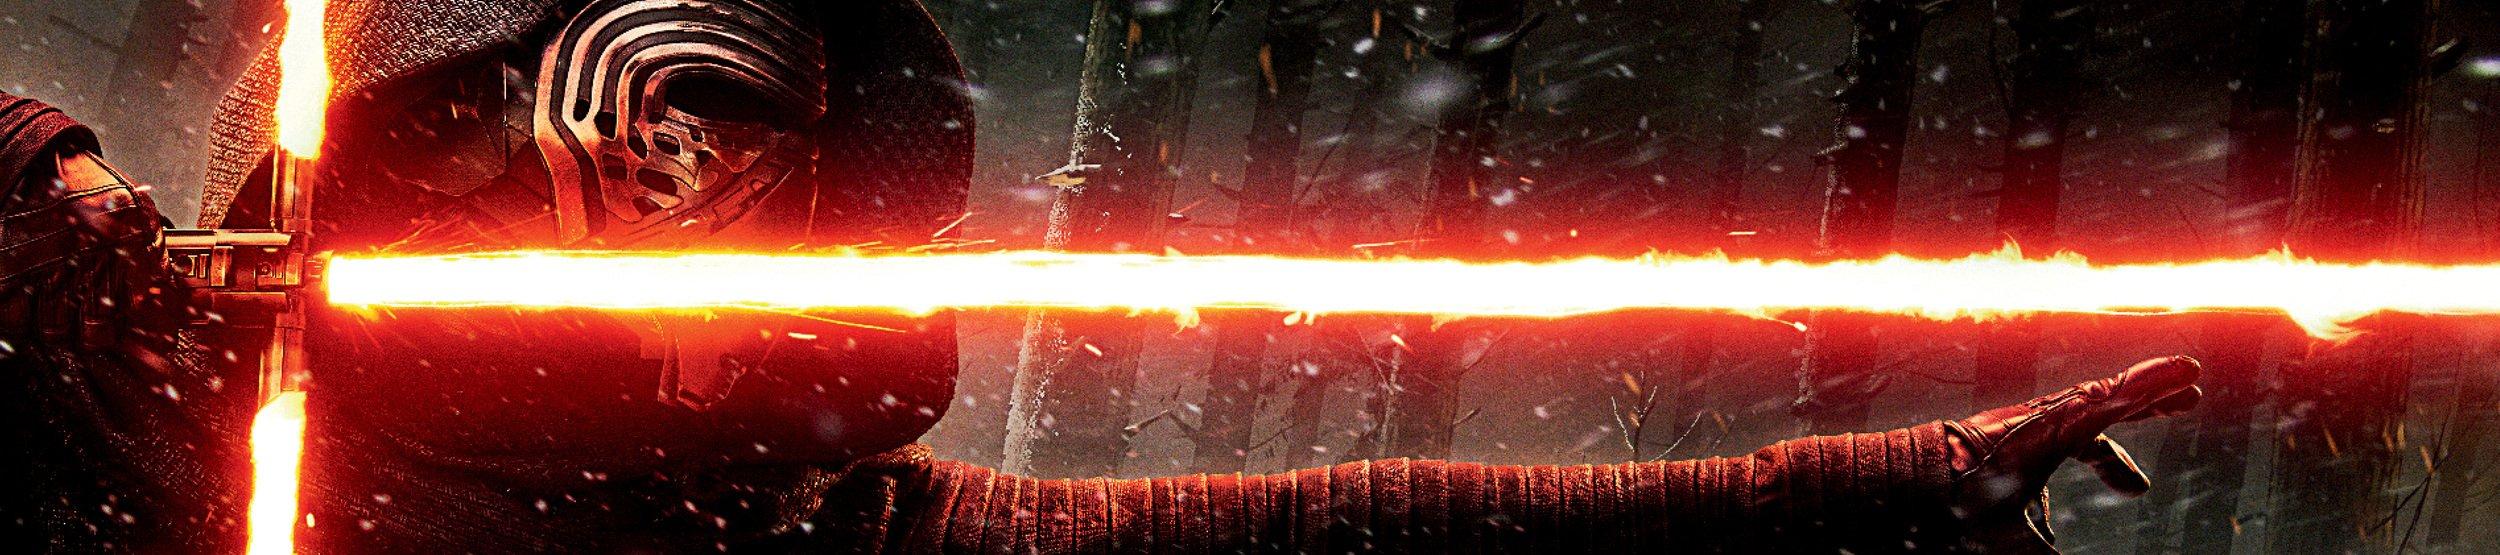 """#Несовсемрецензия - """"Успешный провал седьмого эпизода Звездных Войн"""" - Изображение 2"""